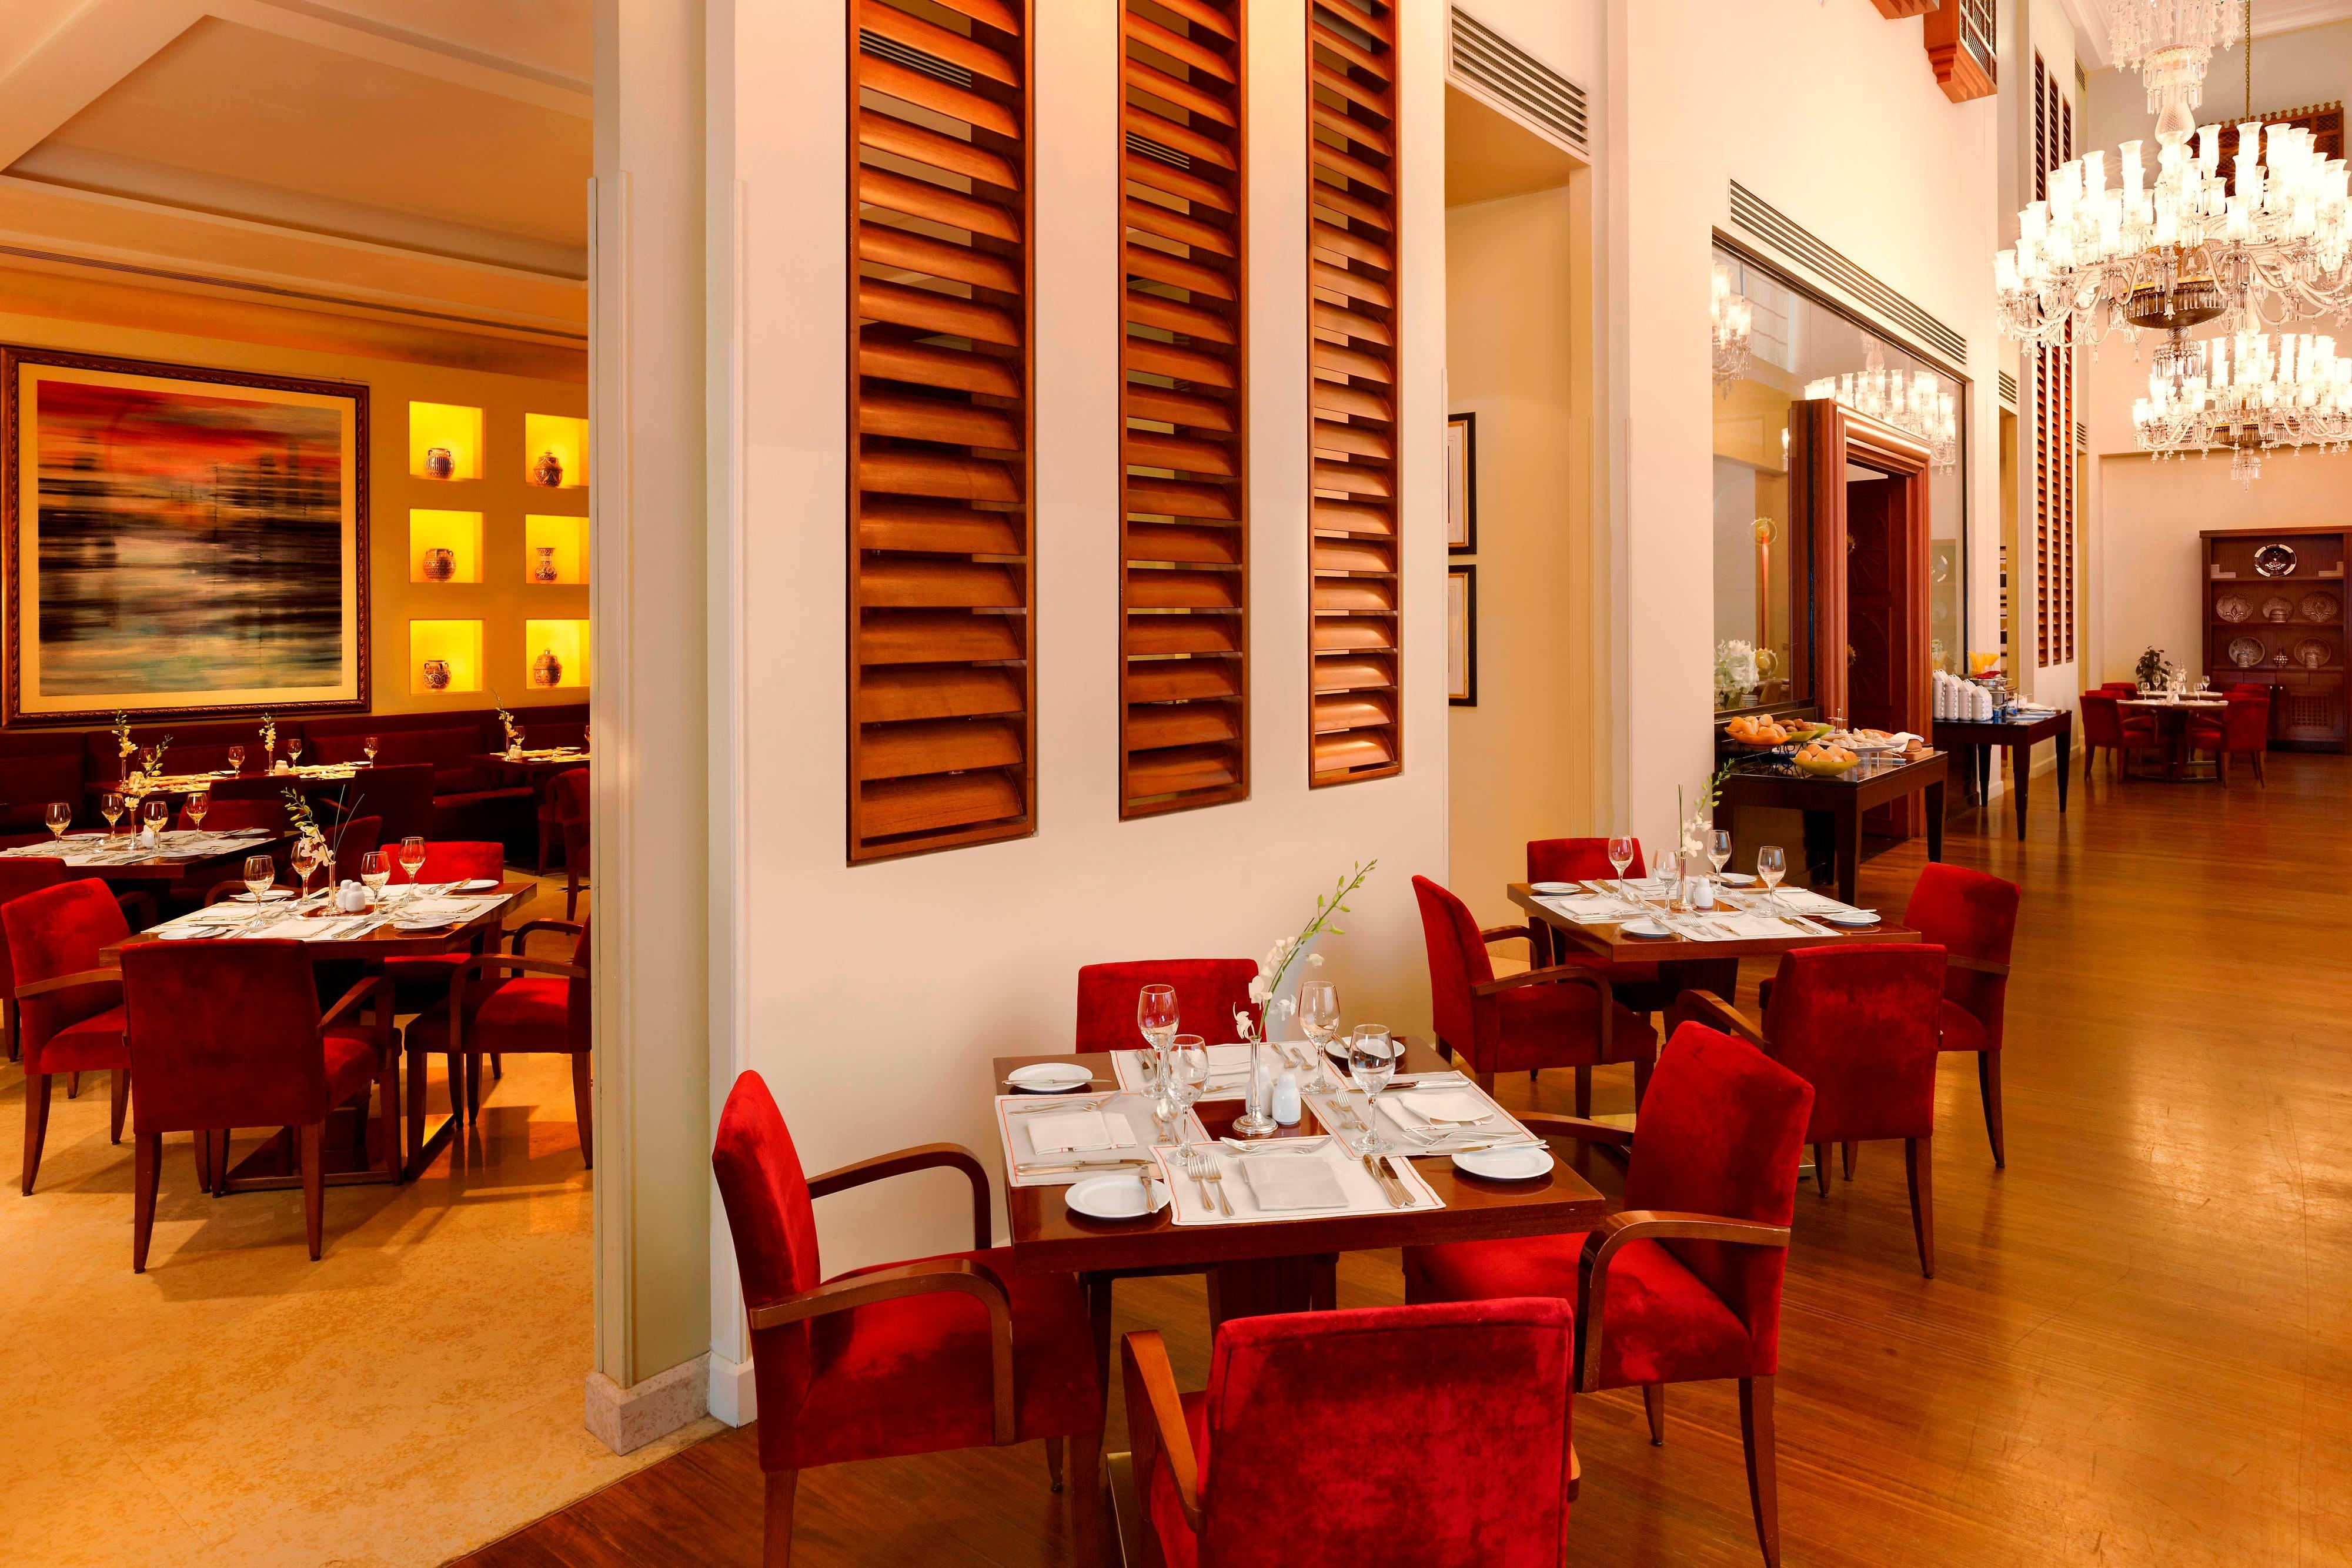 Le Cafe de Paris - Dinner